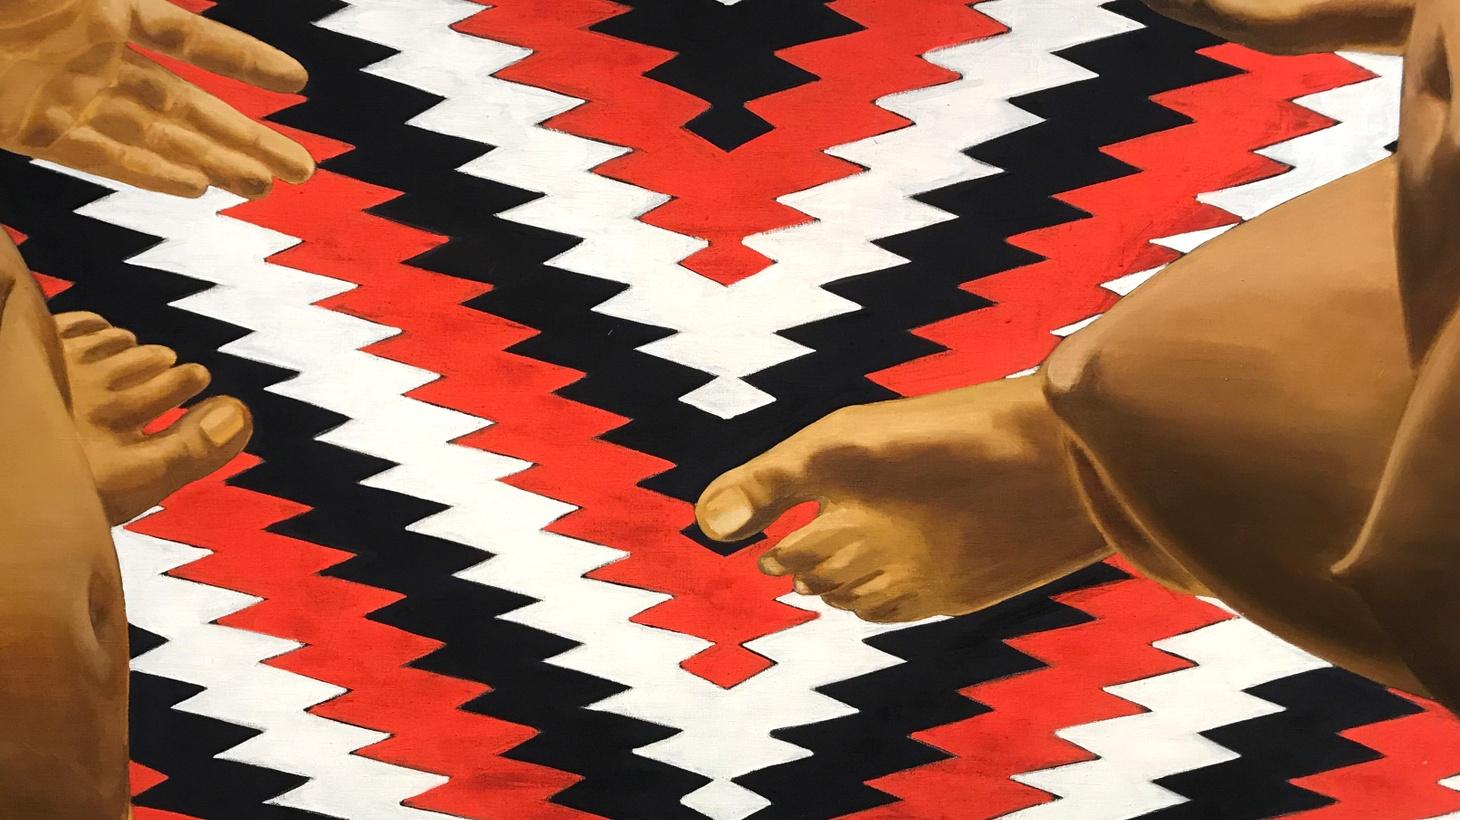 Hunter Drohojowska-Philp offers her take on the Hammer Biennial.